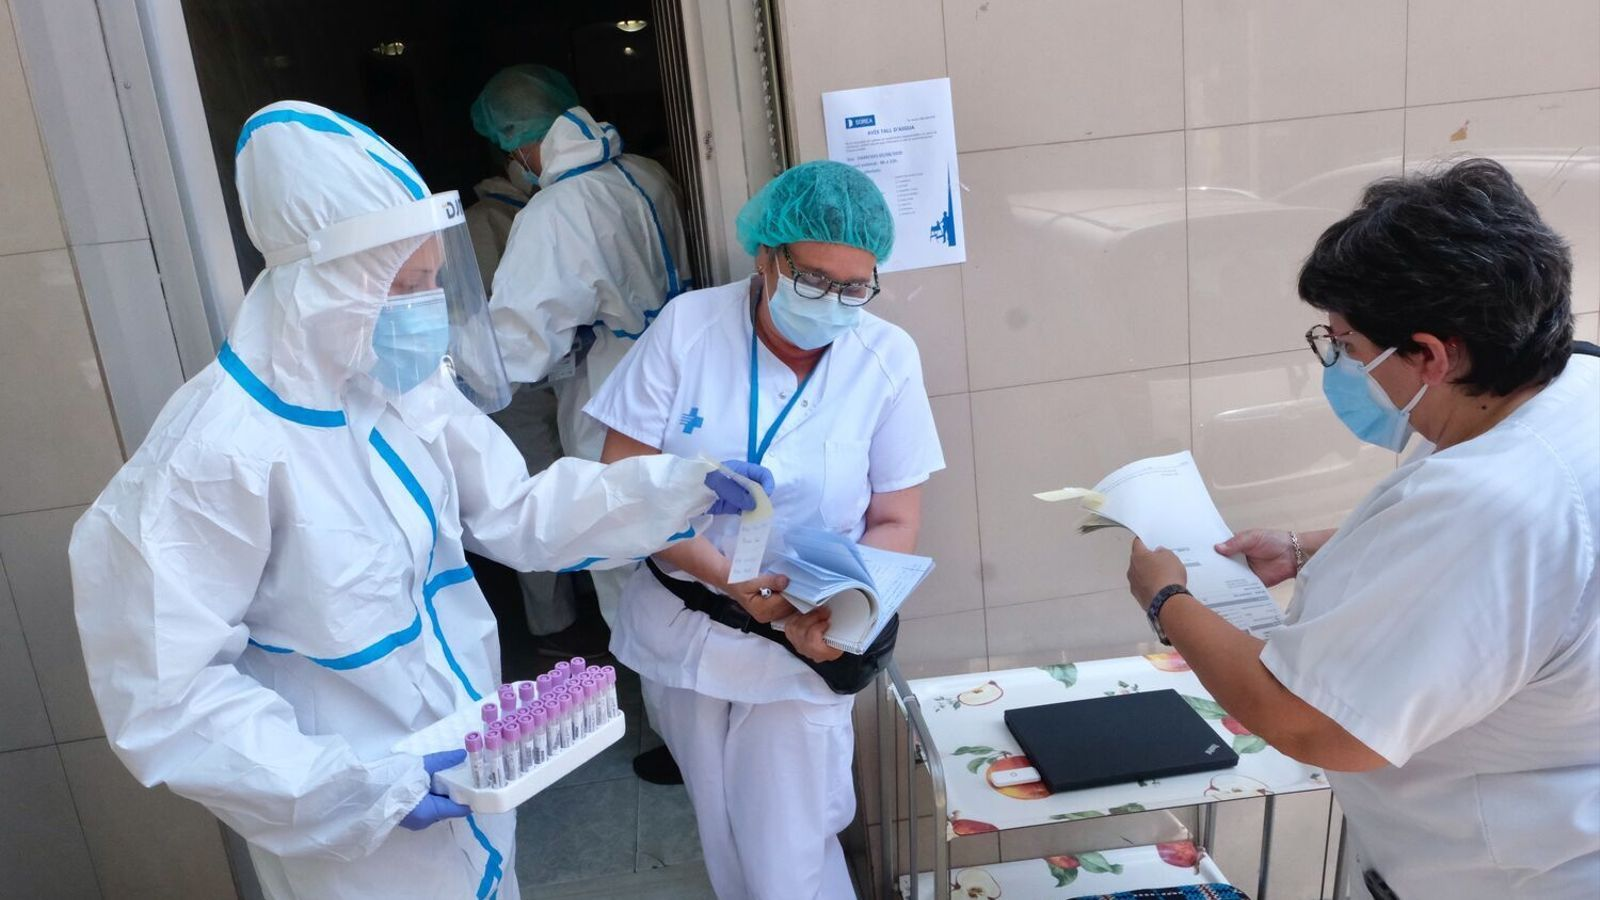 Imatge d'arxiu de personal sanitari fent PCR massives al carrer Verge de Montserrat de Ripollet, un dels diversos cribatges que Salut ha fet arreu del territori